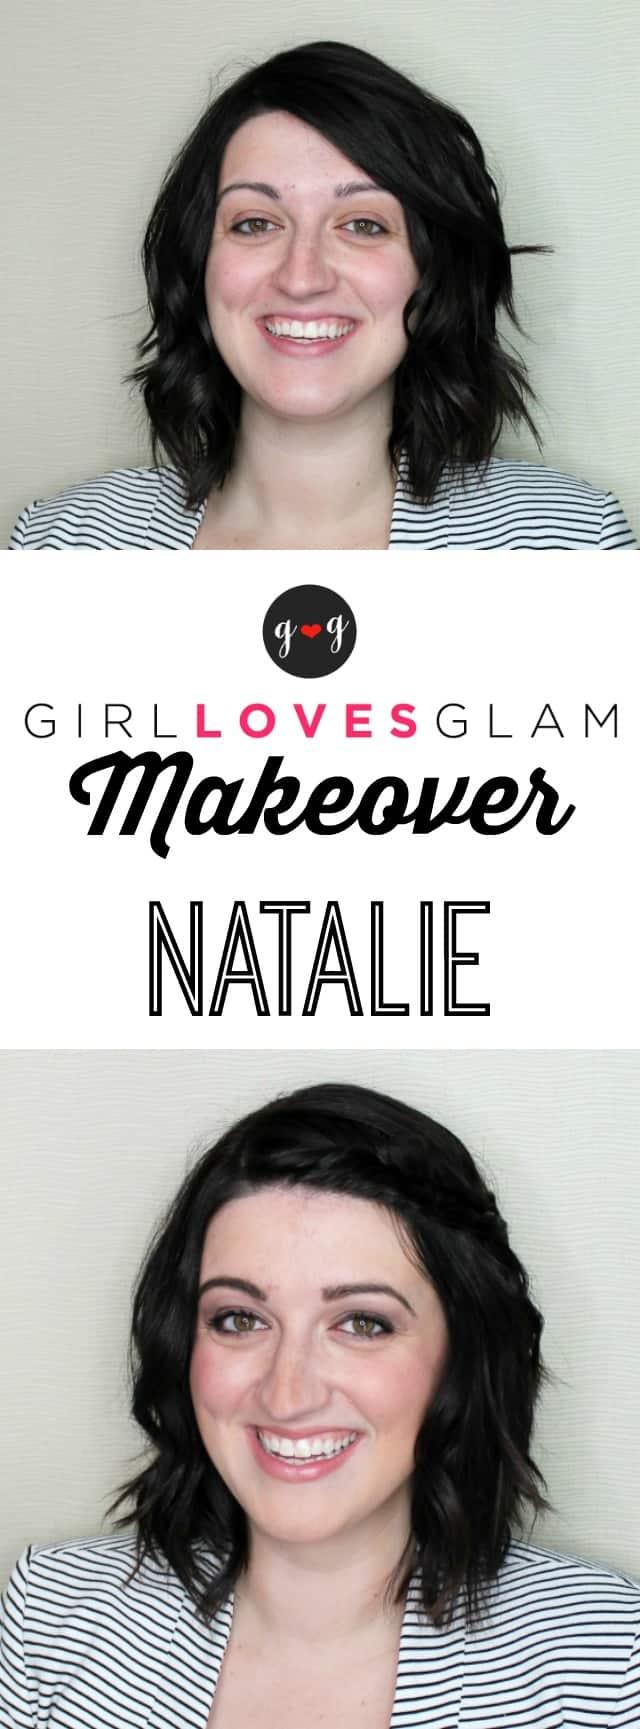 Girl Loves Glam Makeover with Natalie on www.girllovesglam.com